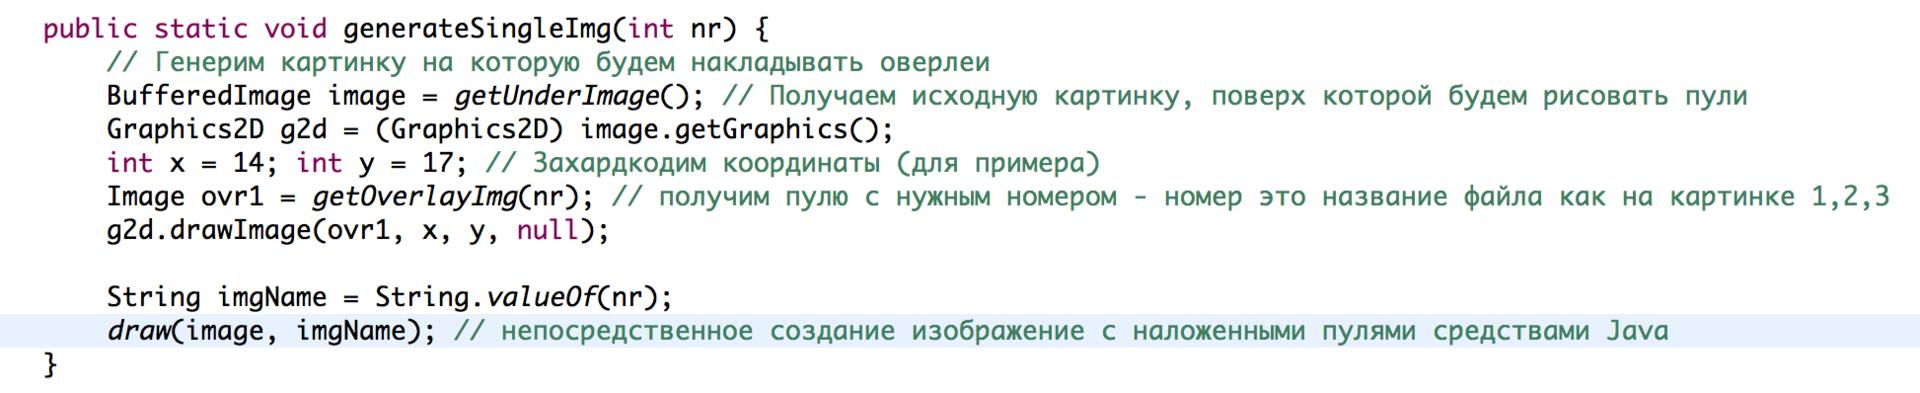 Используем алгоритм размещений с повторениями для «расстрела» фотографий на Java